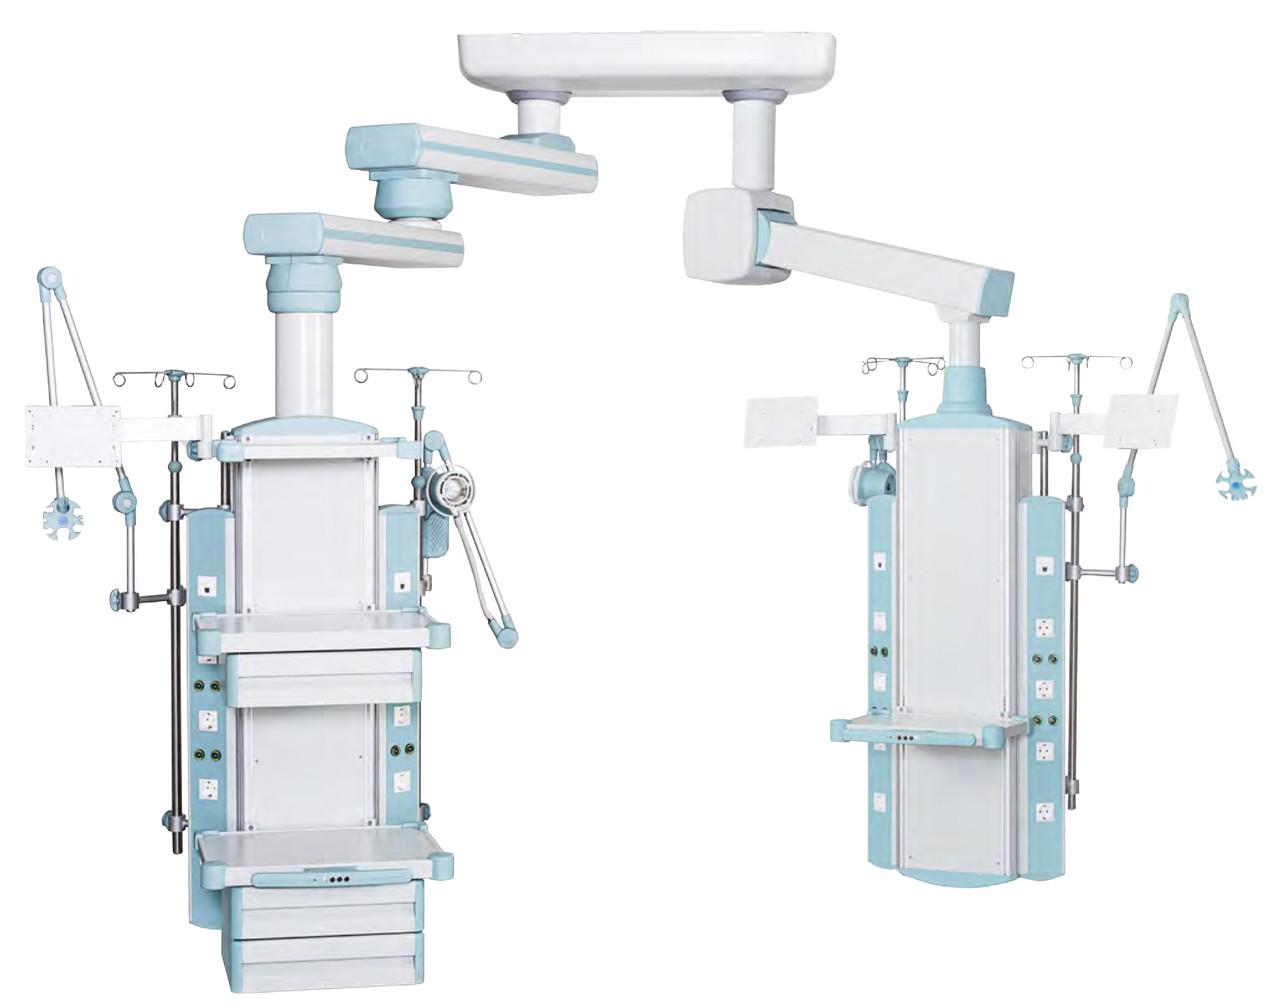 Консоль интенсивной терапии - вертикальная - двухплечевая, механическая, двухконсольная